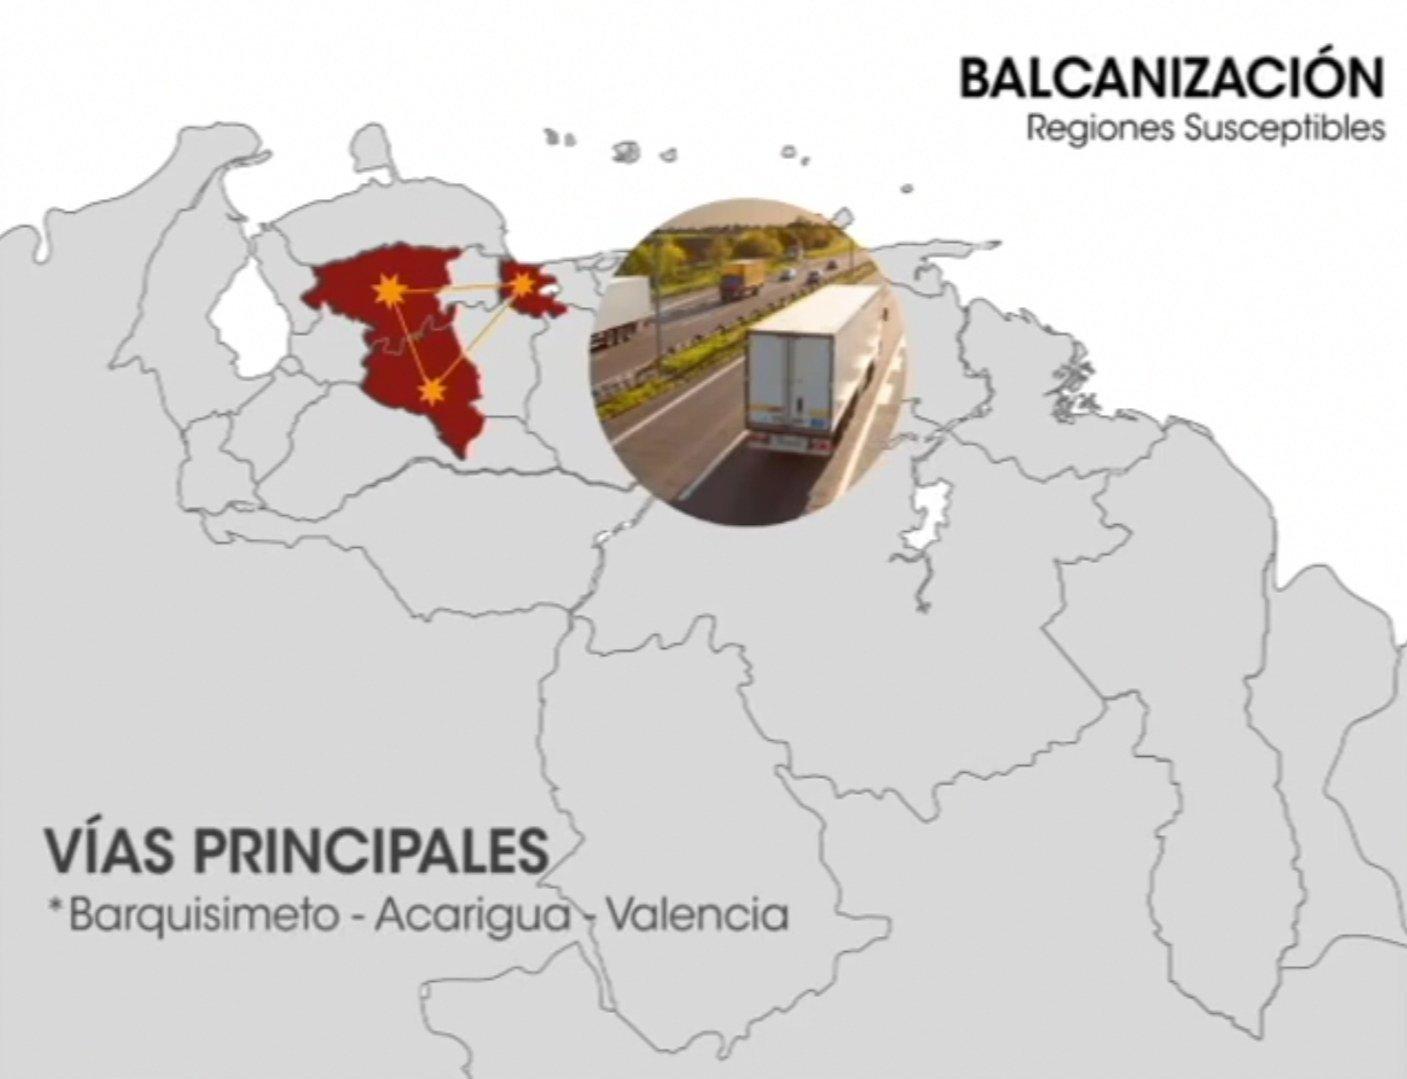 Las regiones suceptibles de la balcanización en el mapa